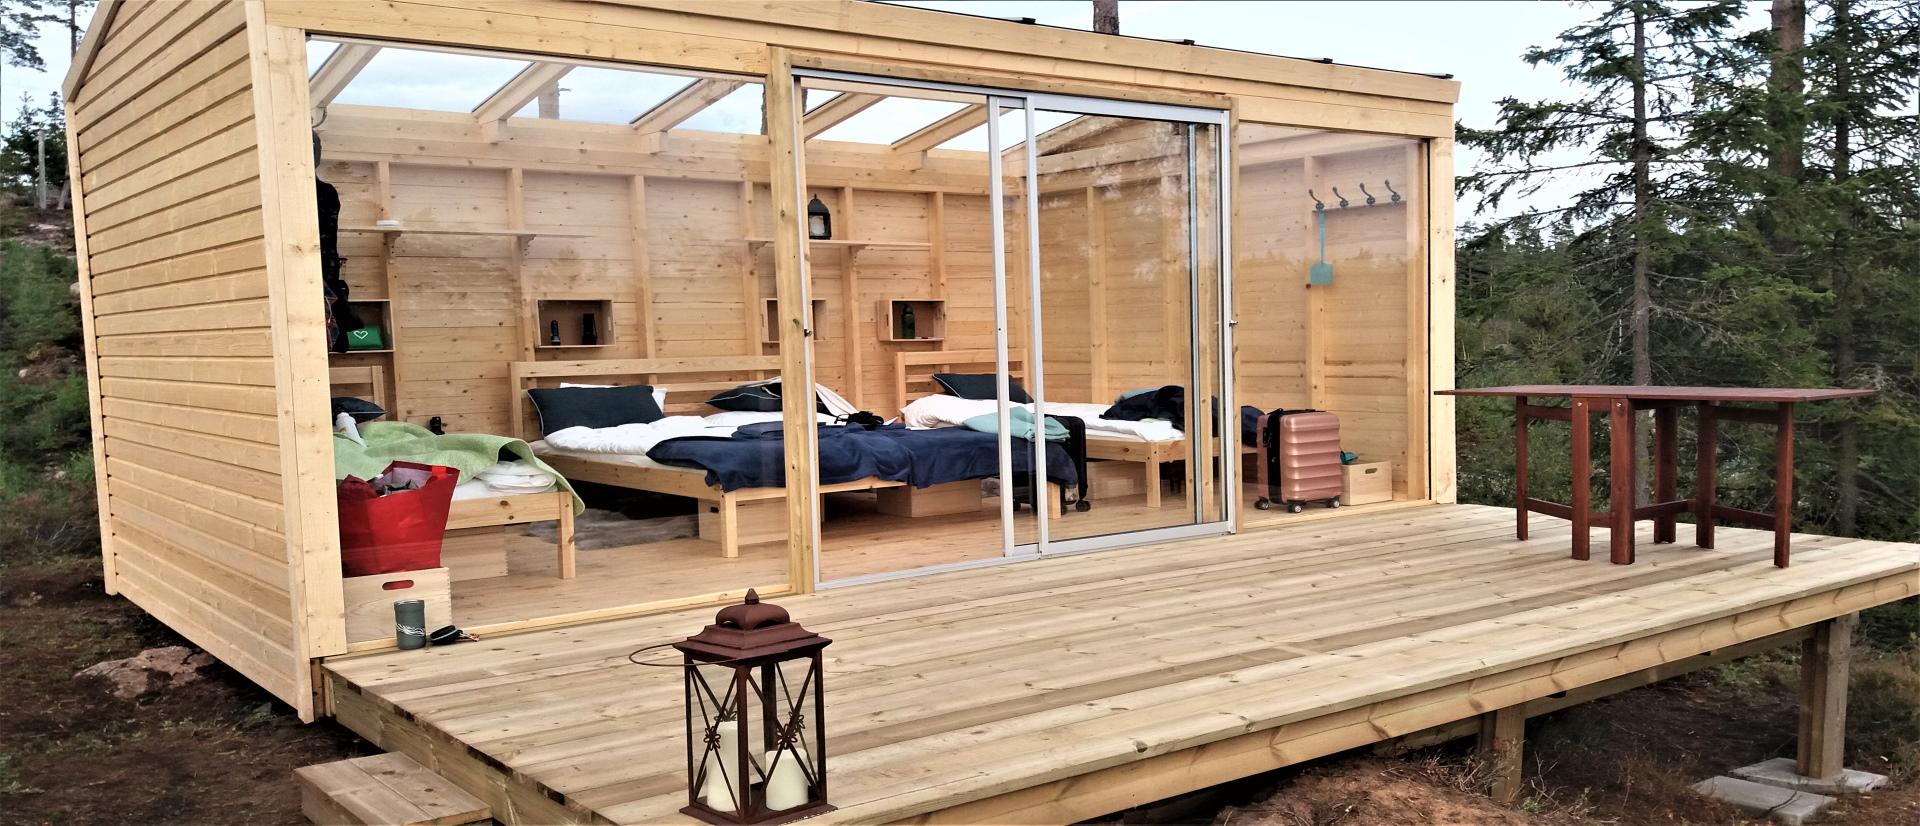 Bo i glashus vid egen badsjö